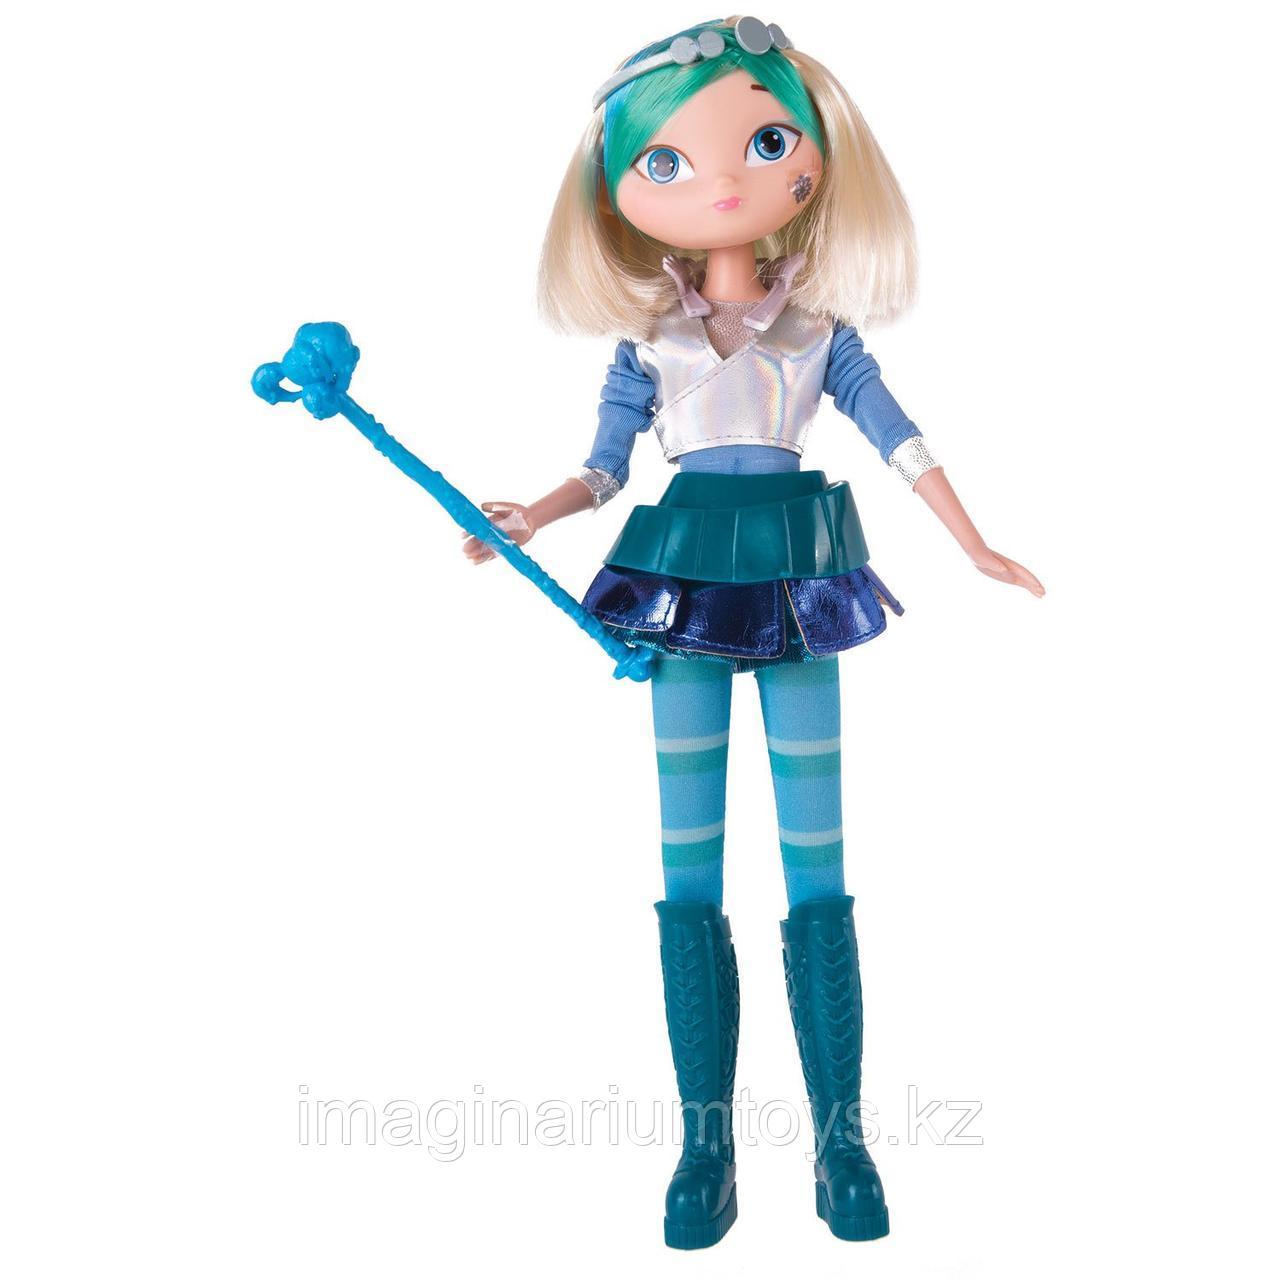 Кукла Сказочный патруль Снежка серия Magic 30 см